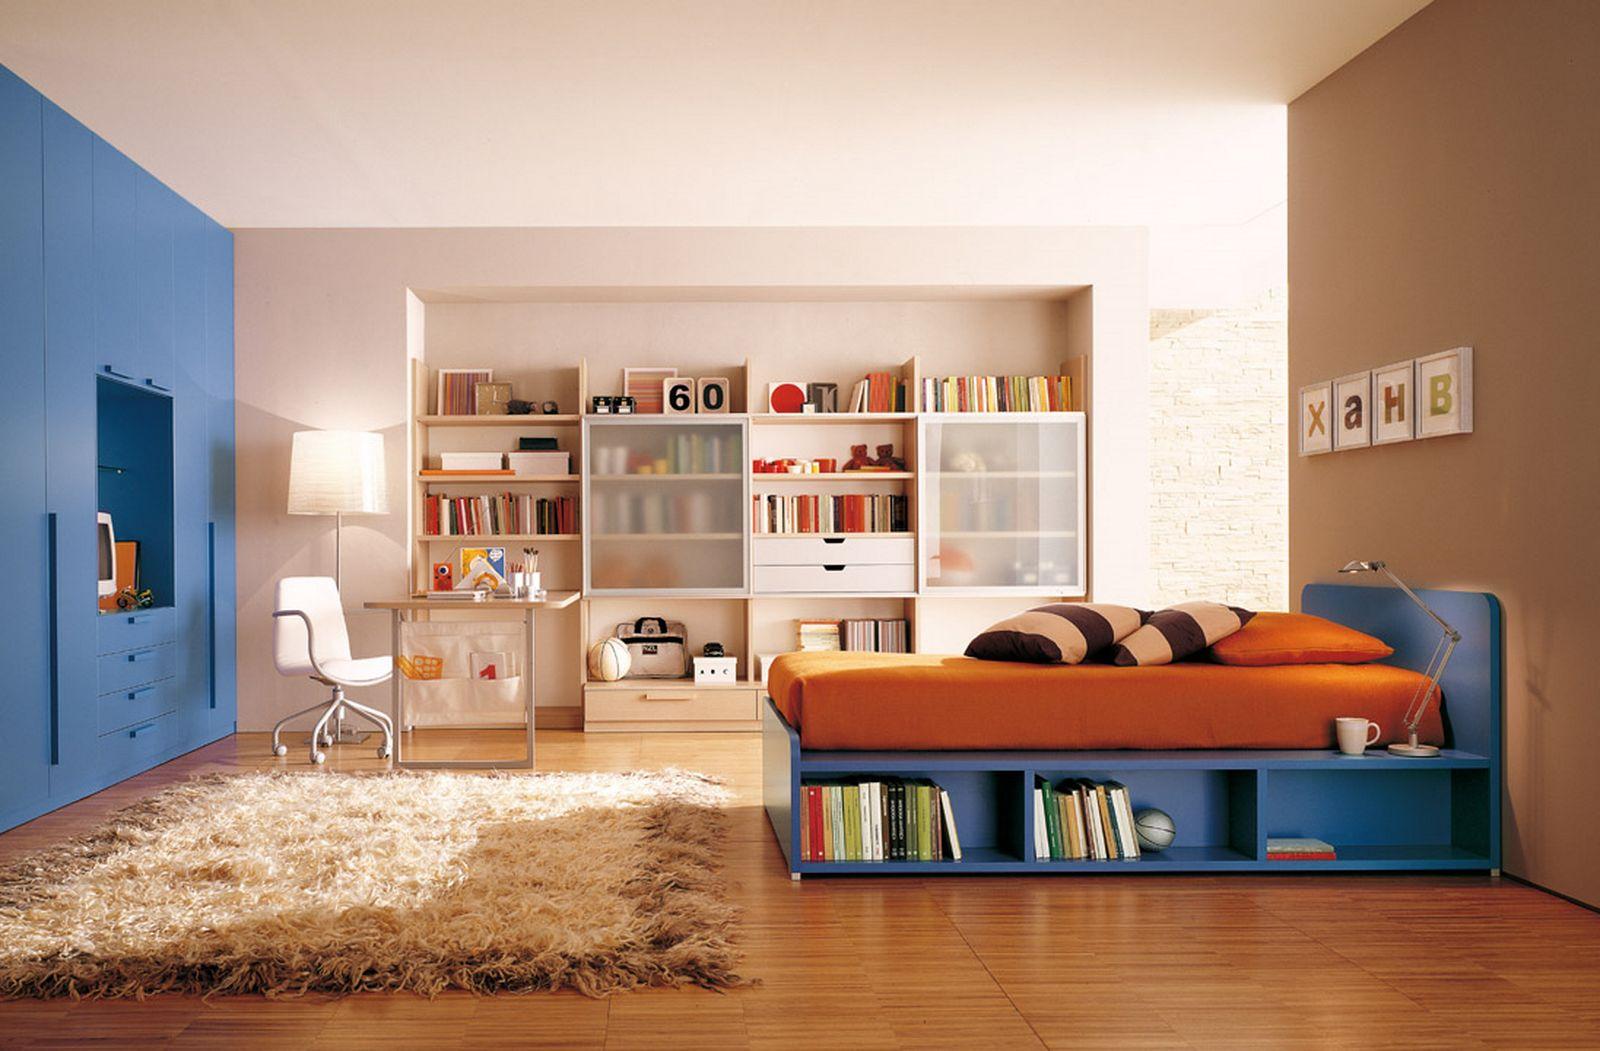 Мебель для мальчика подростка мальчика фото дизайн